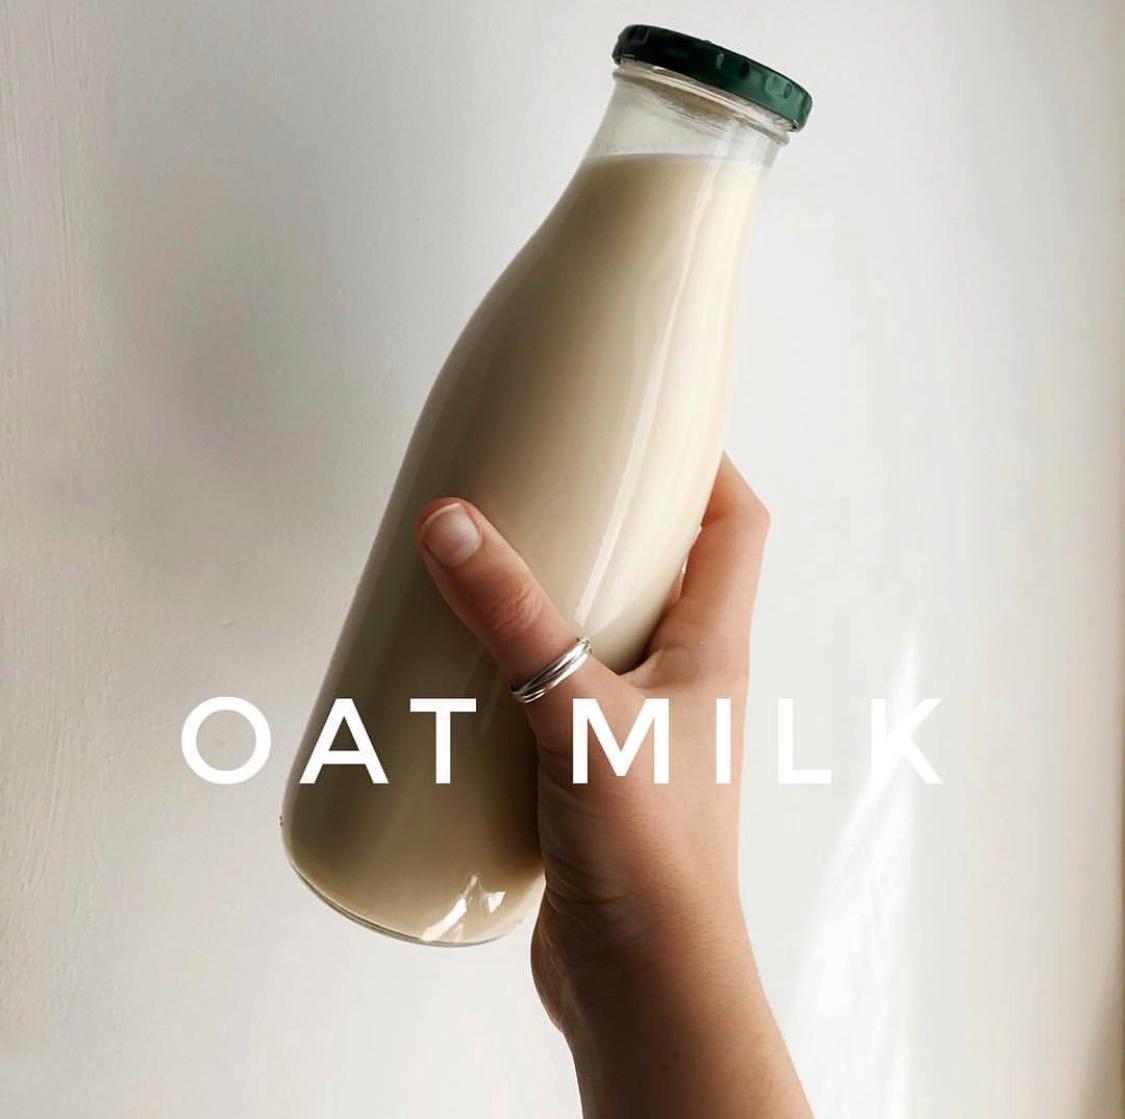 oat mylk.jpeg